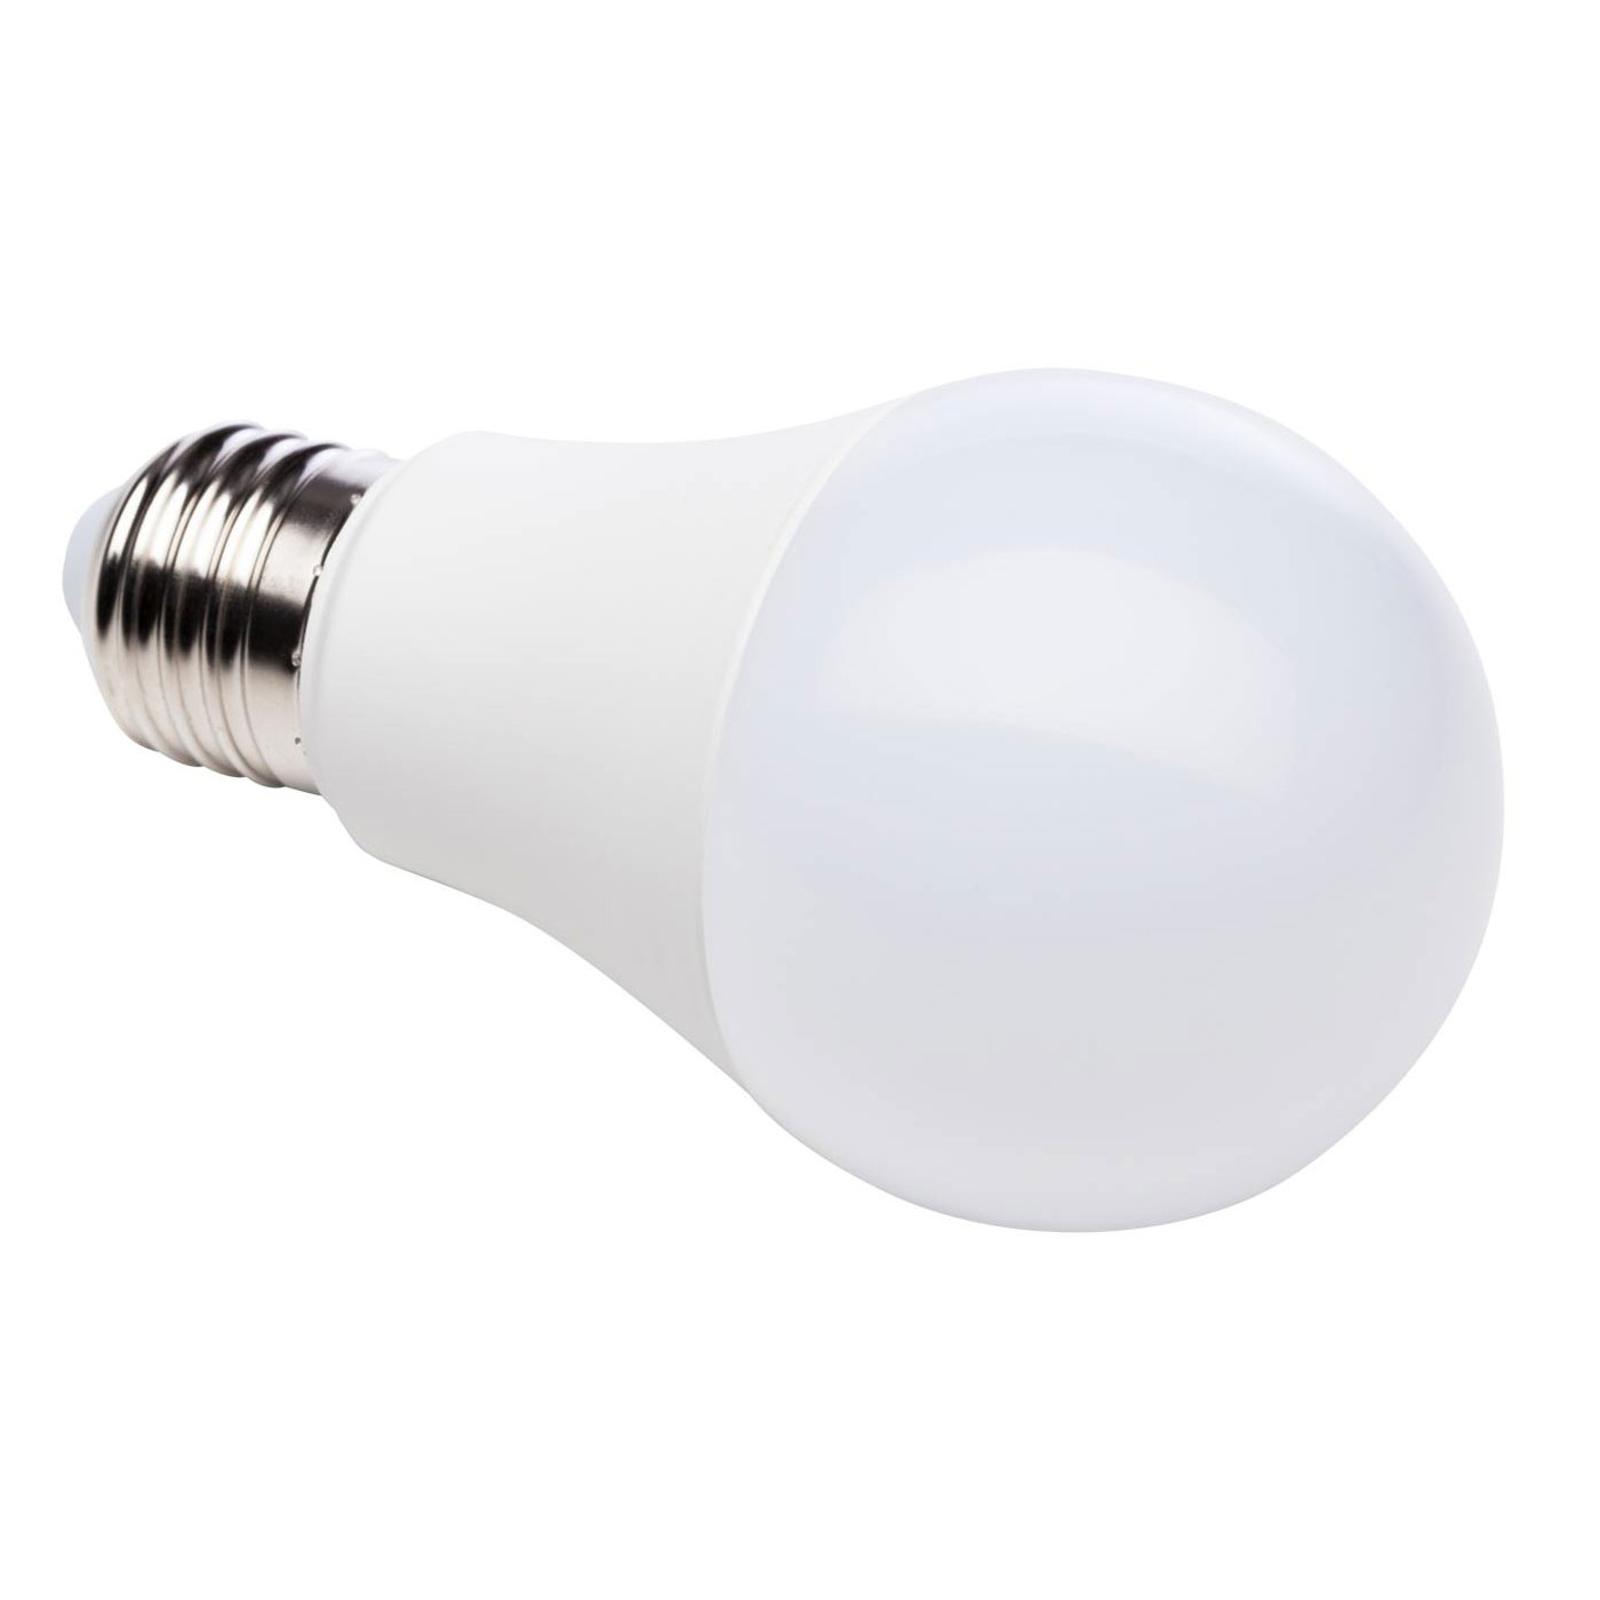 LED-Lampe E27 9 W 4.000 K 806 Lumen mit Sensoren